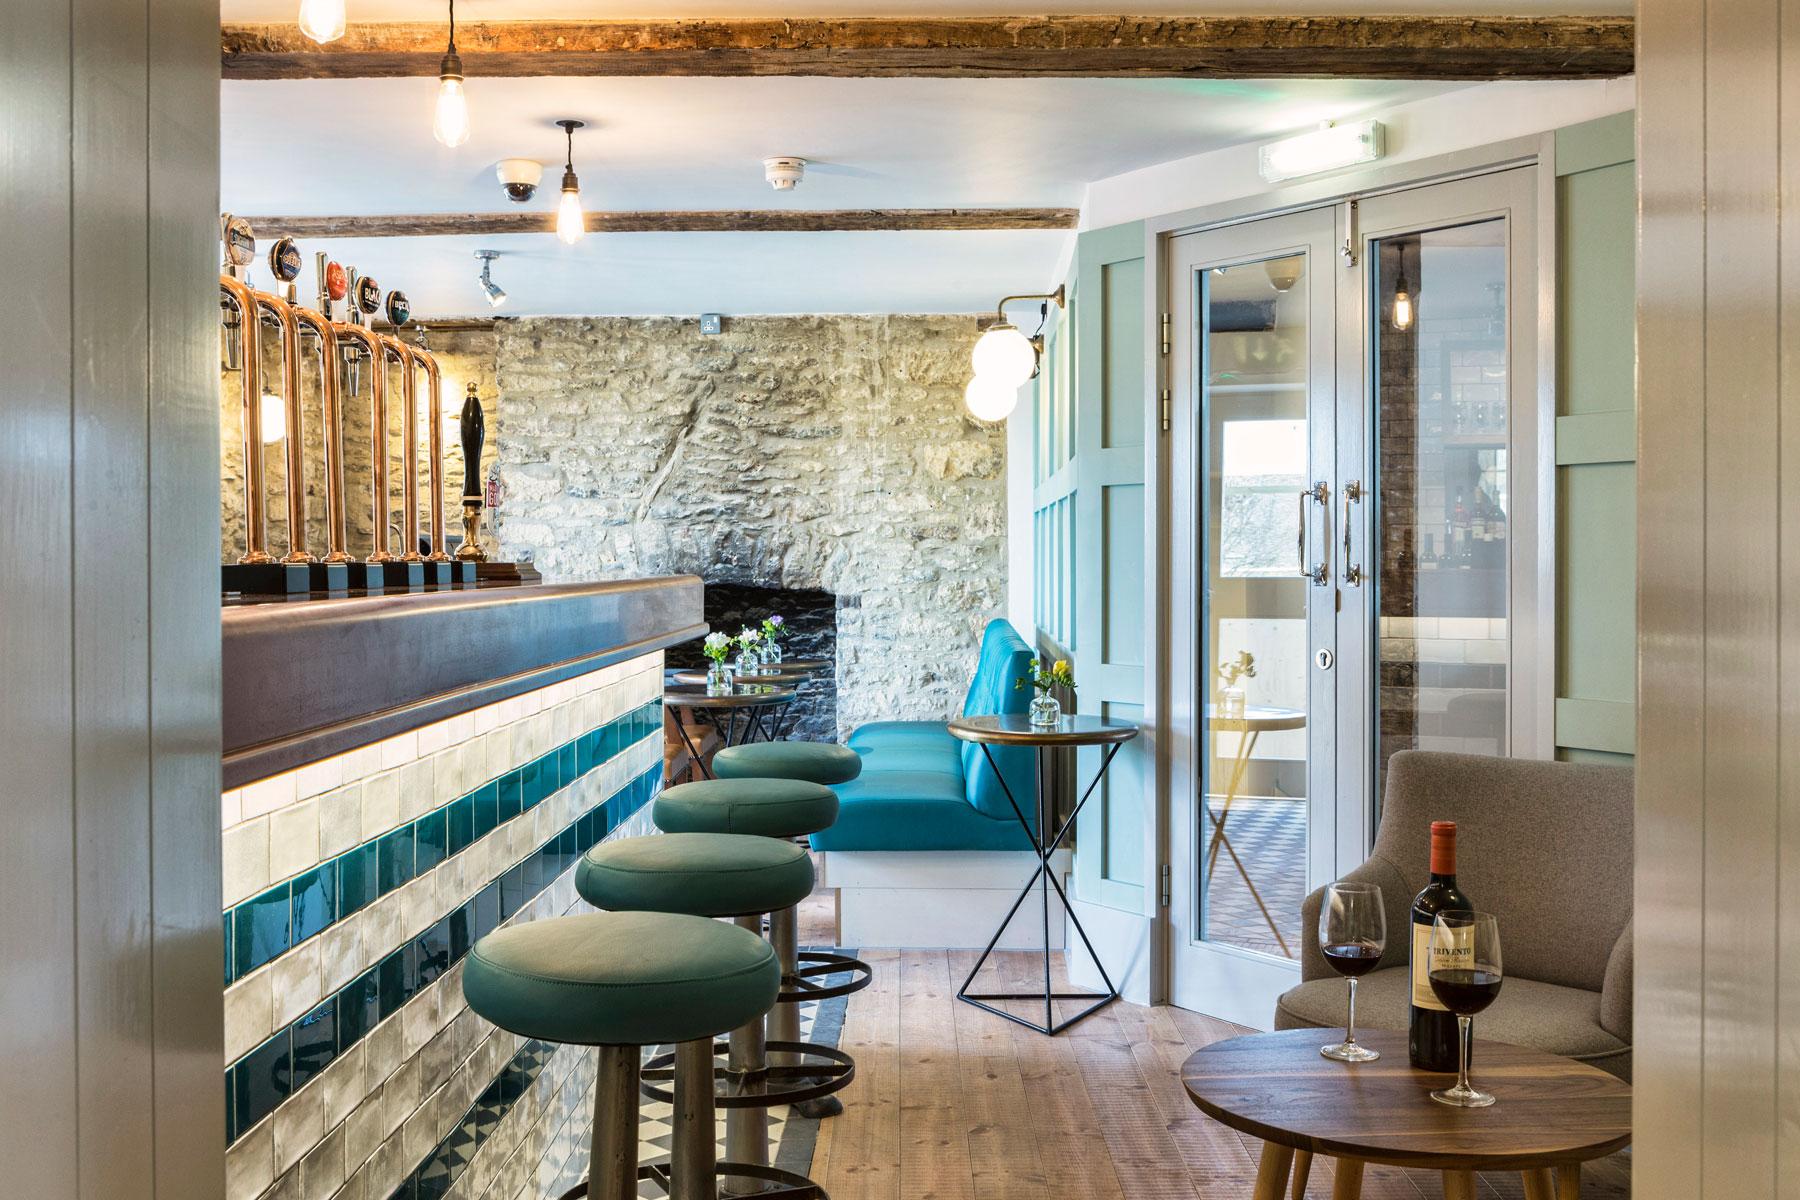 The-old-stocks-inn-bar